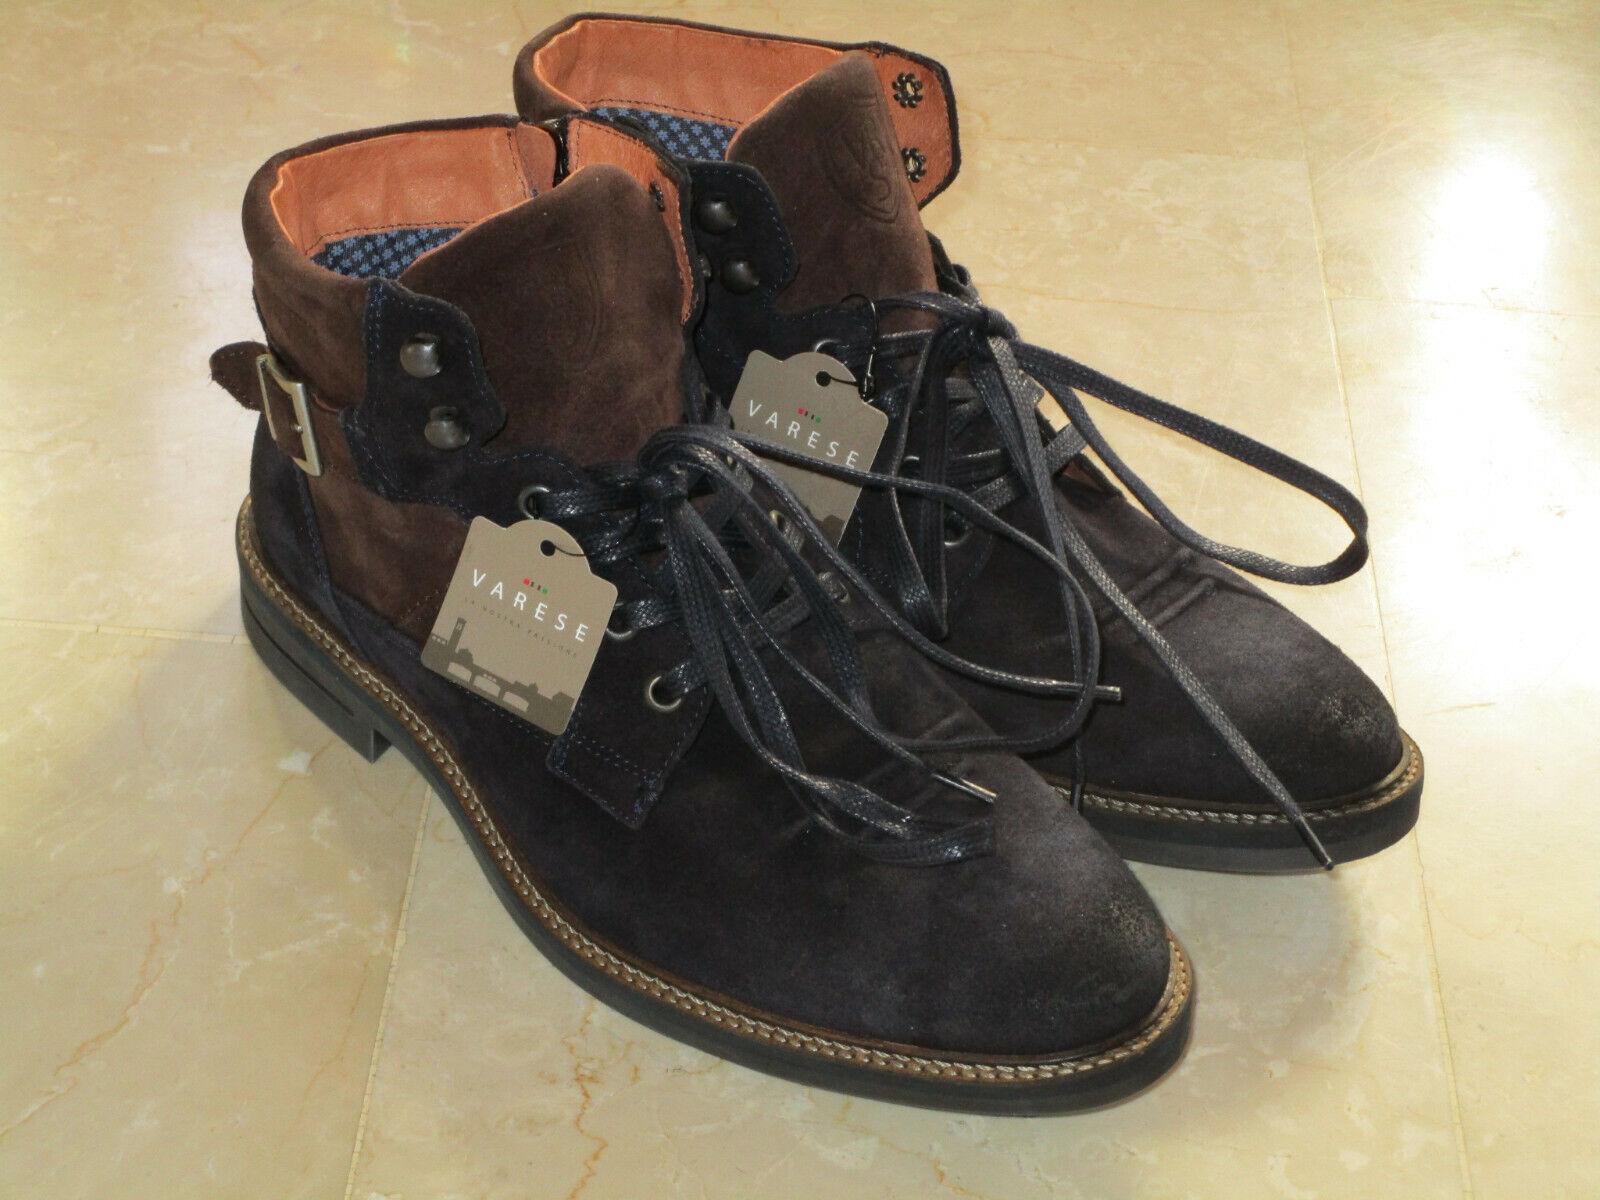 VARESE braun, neu Leder, dunkelblau Gr.42, Schuhe